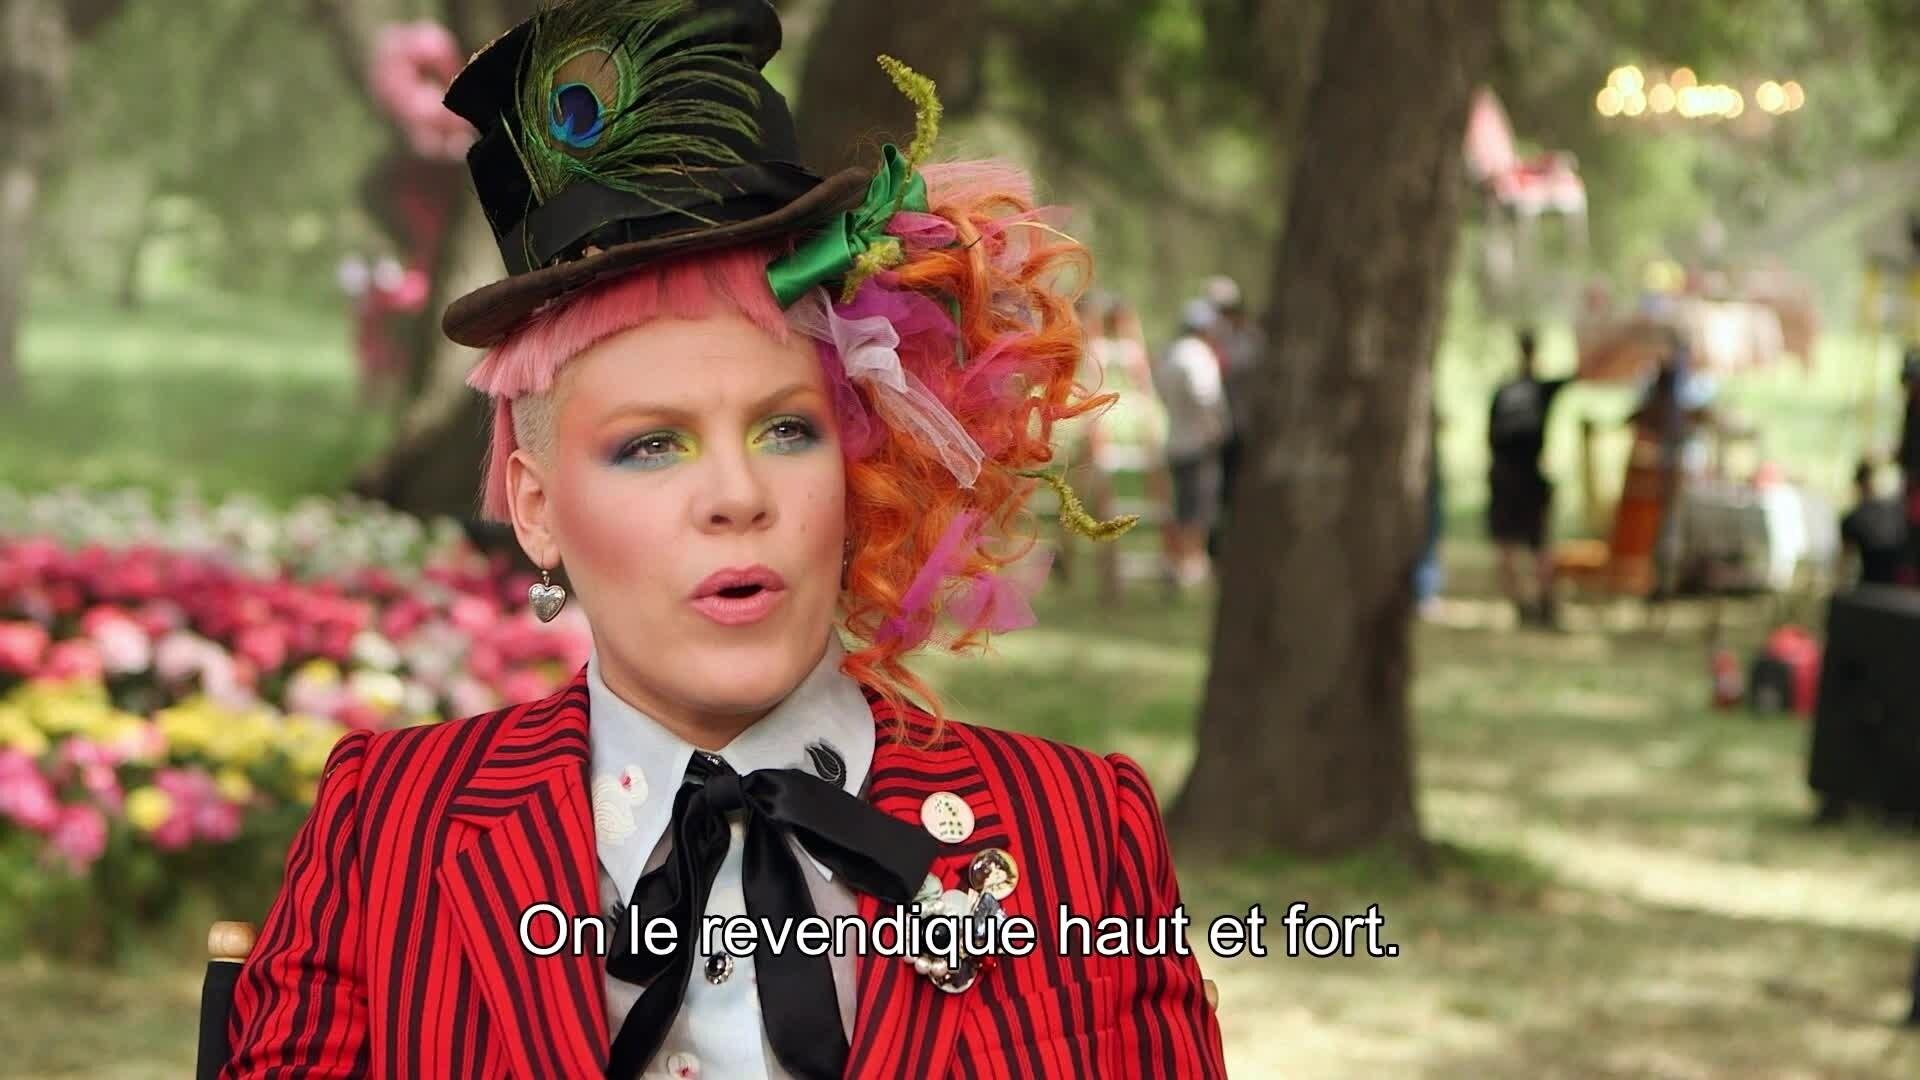 Alice de l'Autre Côté du Miroir - Reportage : Just Like Fire de P!nk